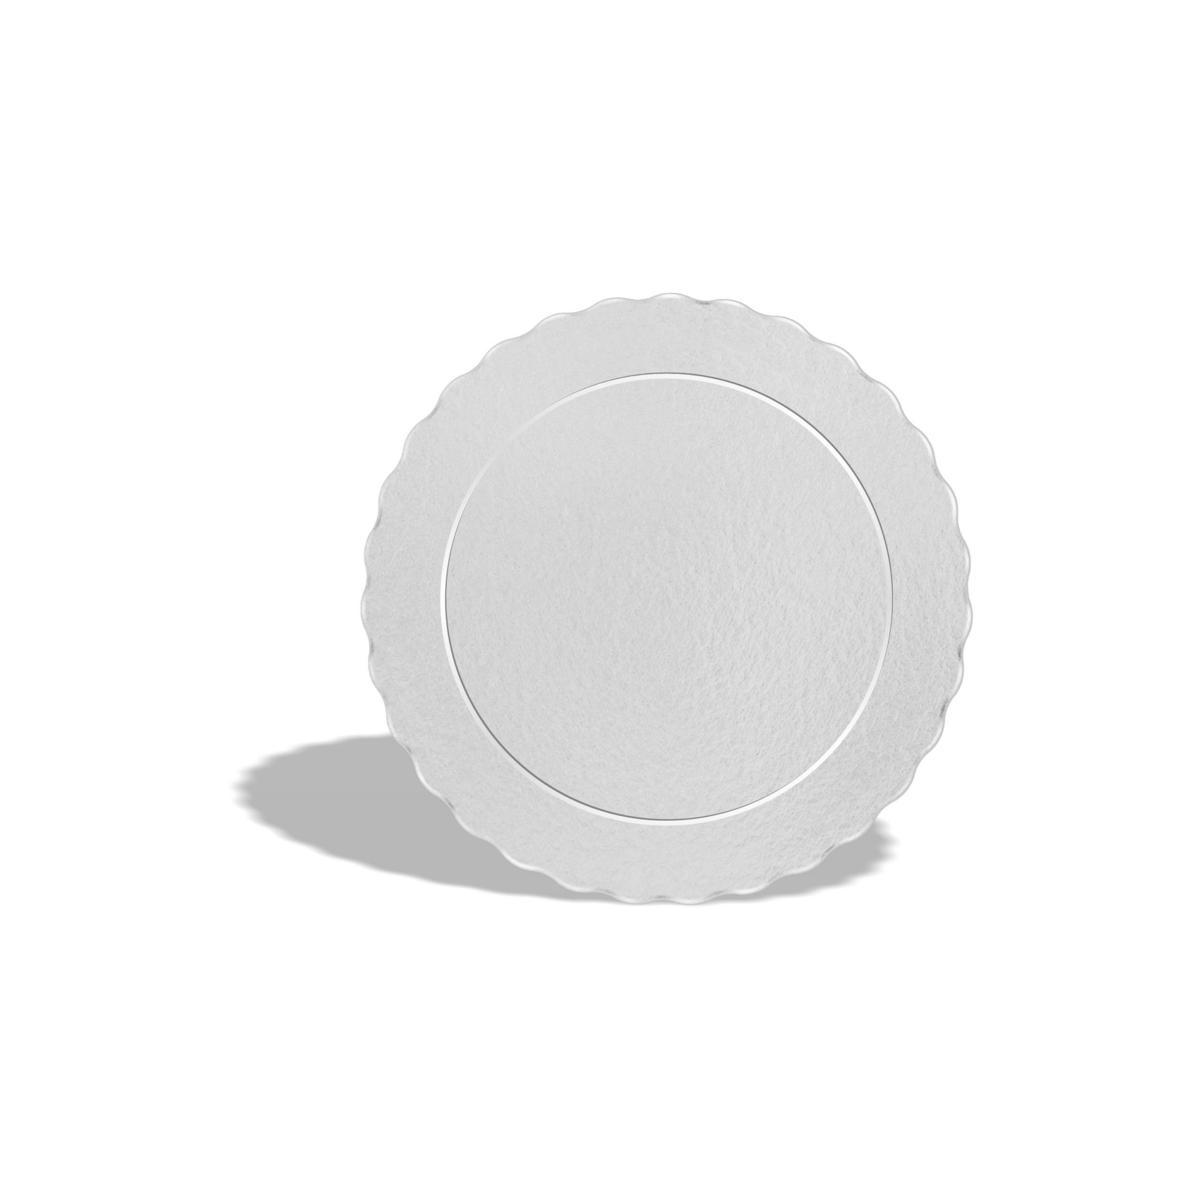 50 Bases Laminadas Para Bolo Redondo, Cake Board 15cm - Branco